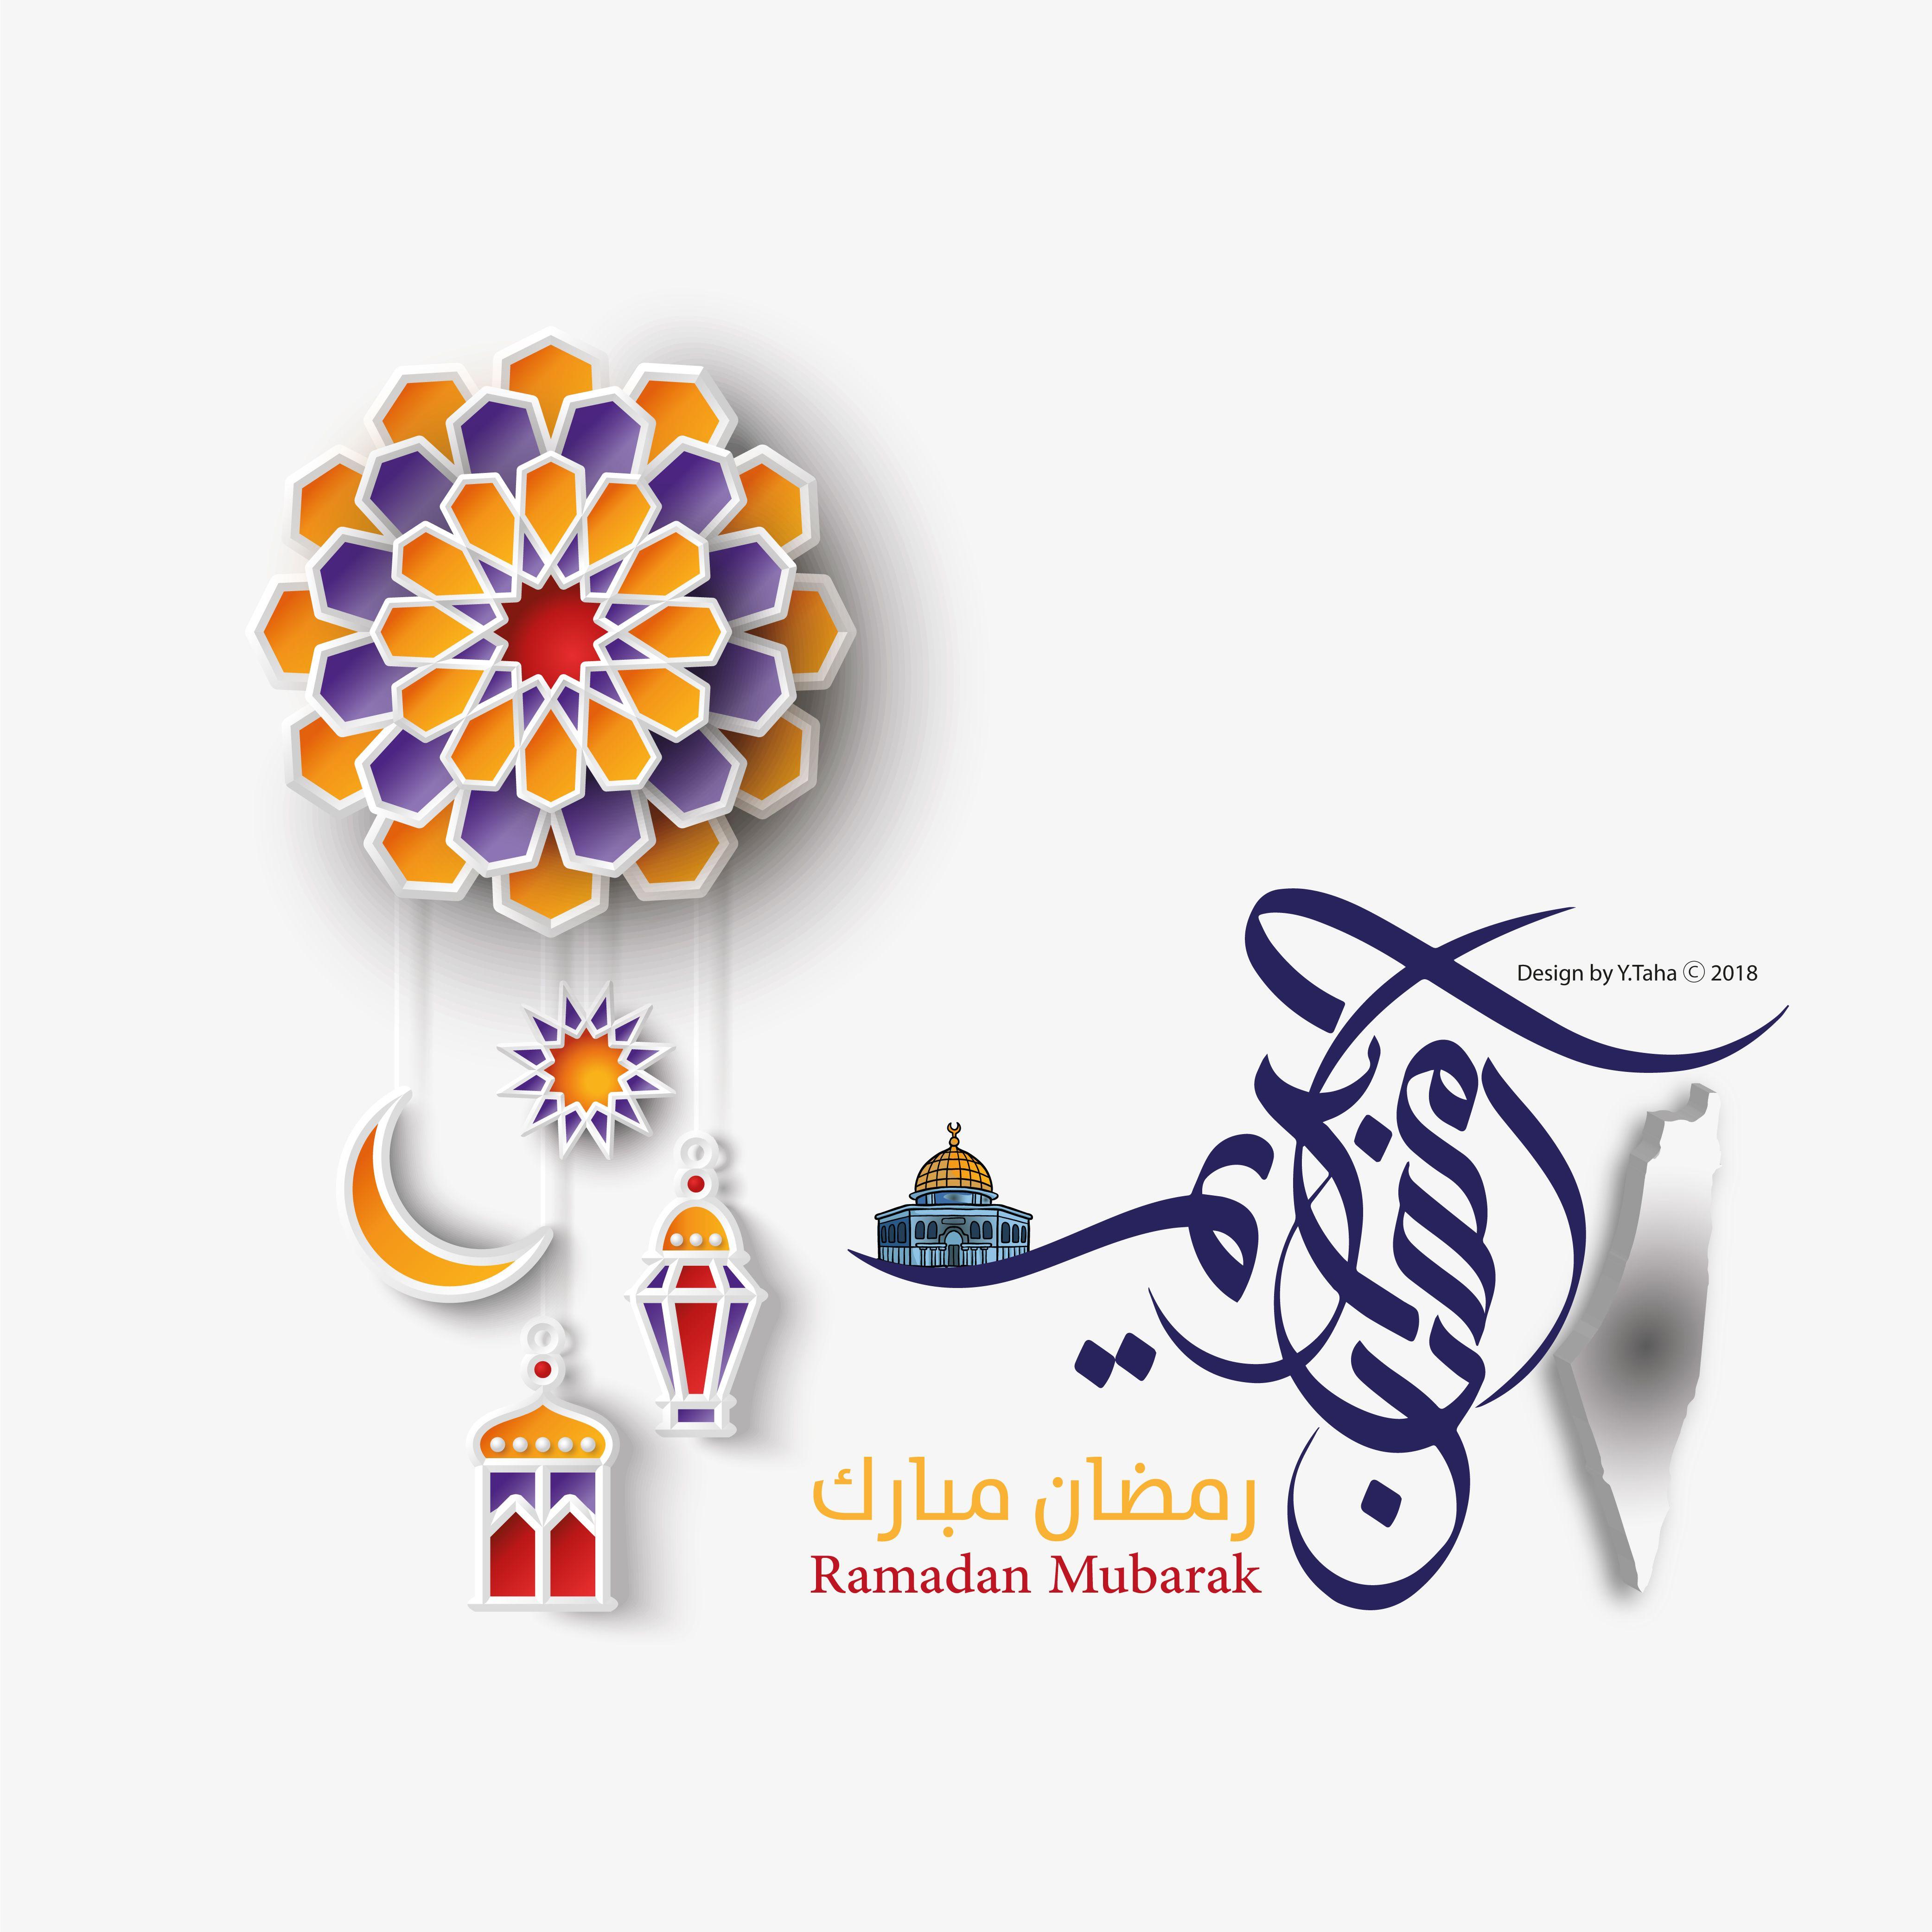 كل عام وأنتم بخير رمضان كريم م ب ار ك ع ل ي ك م الش هر الف ض يل وكل عام وأنت م ب خ ير تقبل الله منا ومنكم صالح الأعما Ramadan Ramadan Mubarak Gaza